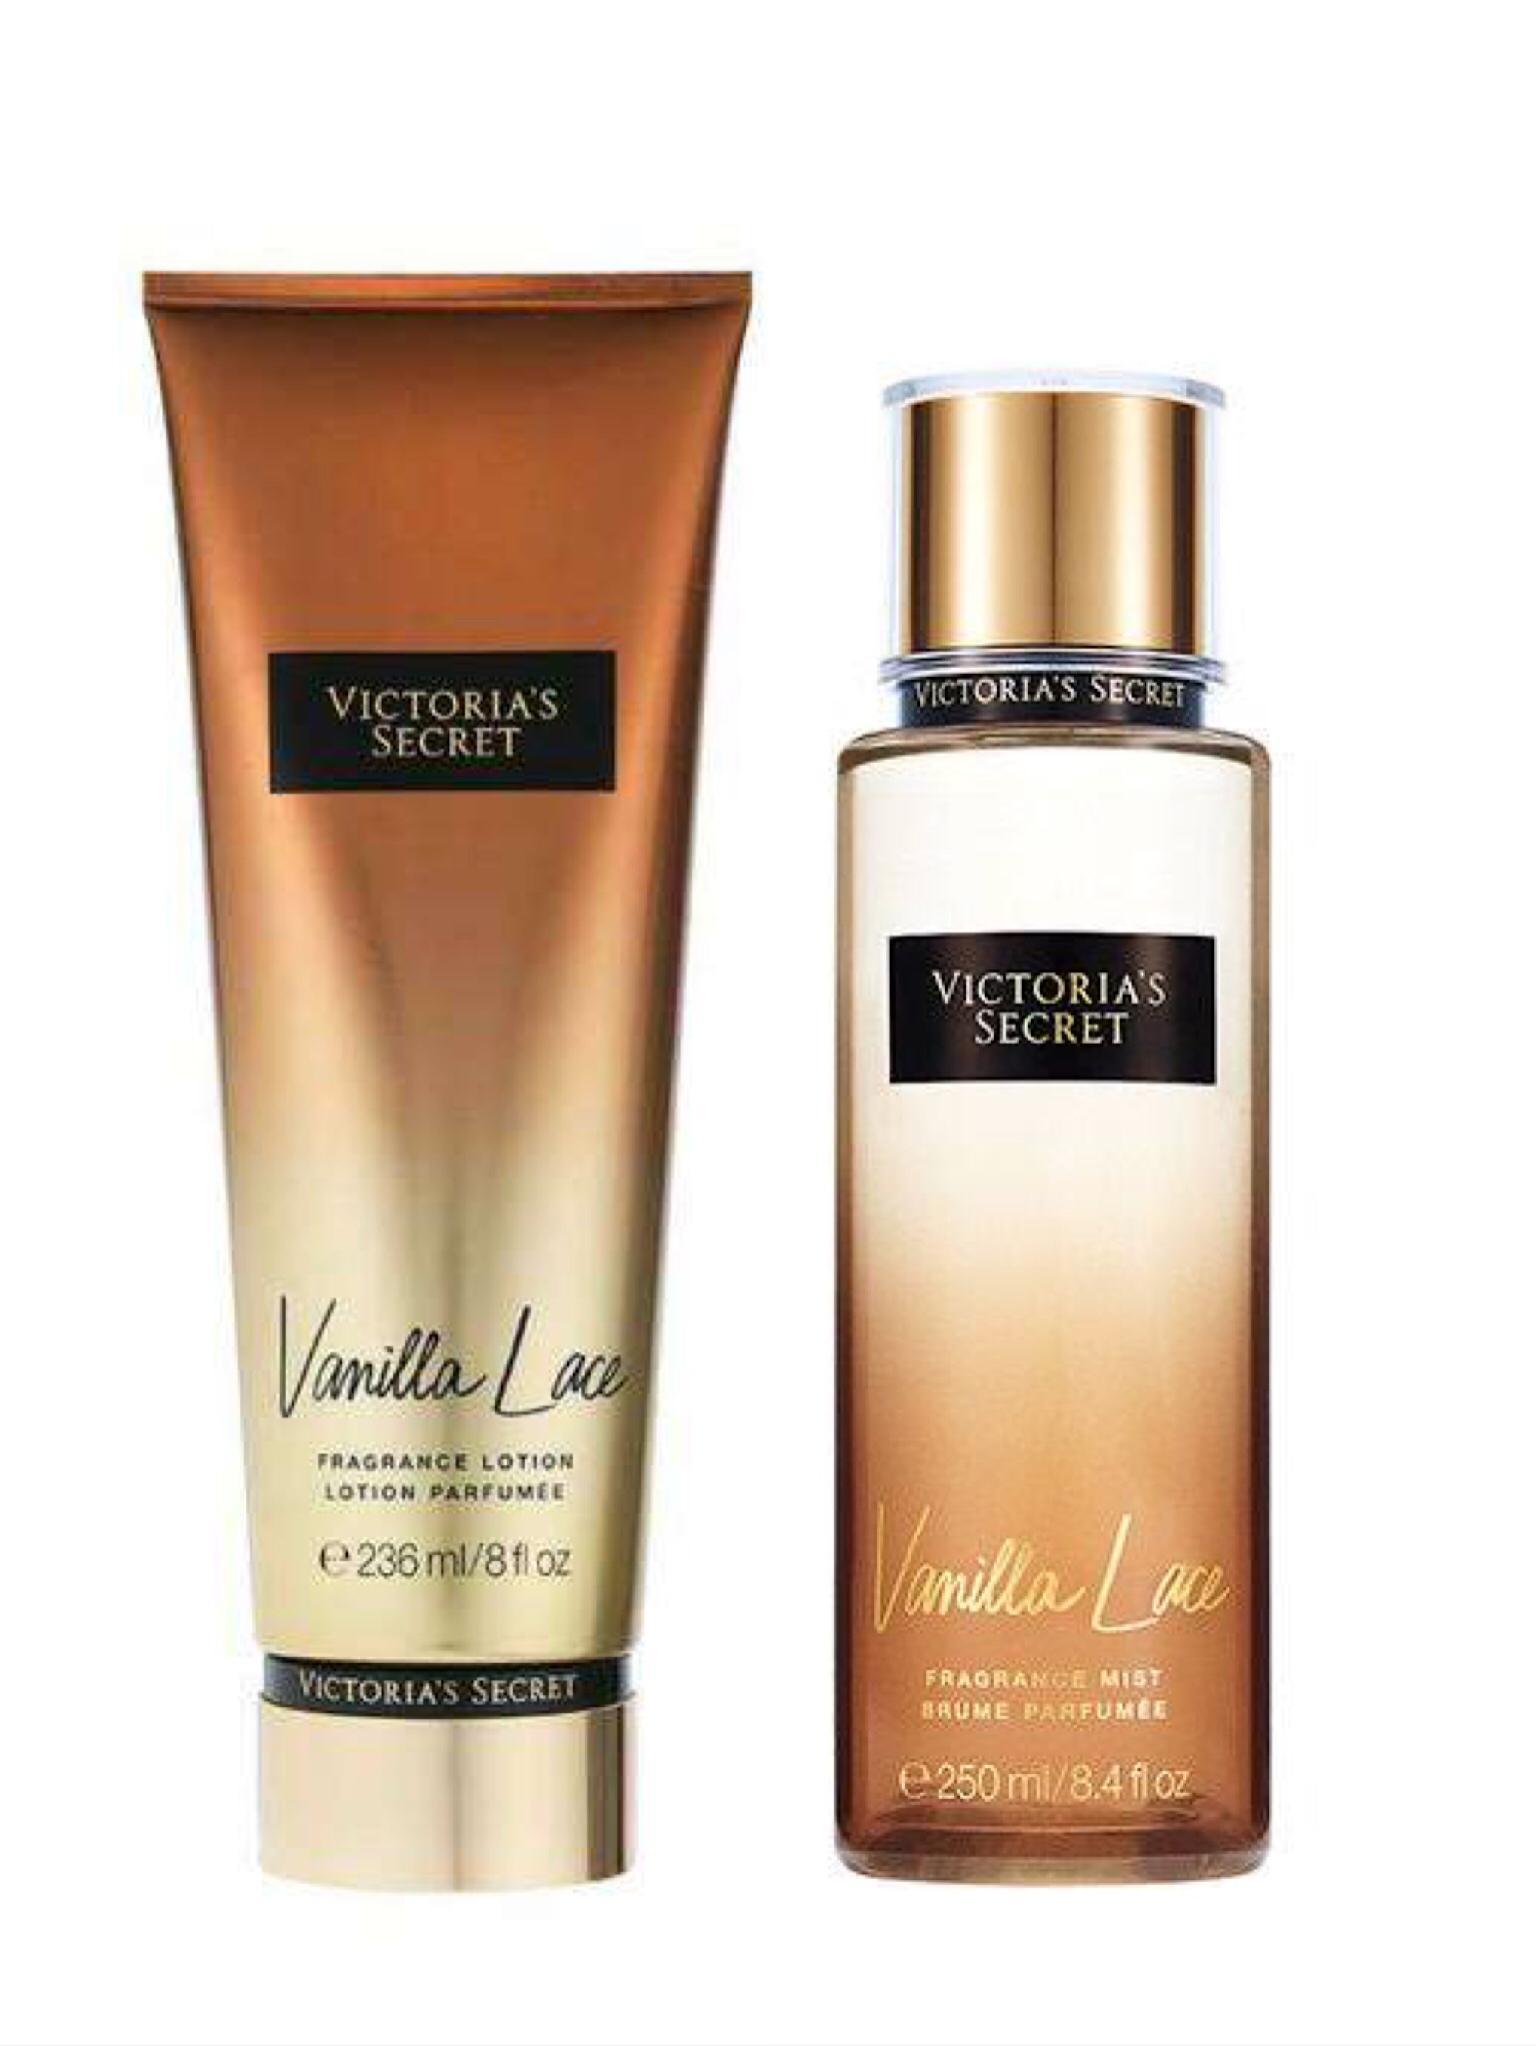 06fc1a8c4f5c NEW VICTORIA SECRET Vanilla lace Perfume 250ml and Vanilla lace fragrance  lotion 236ml sale